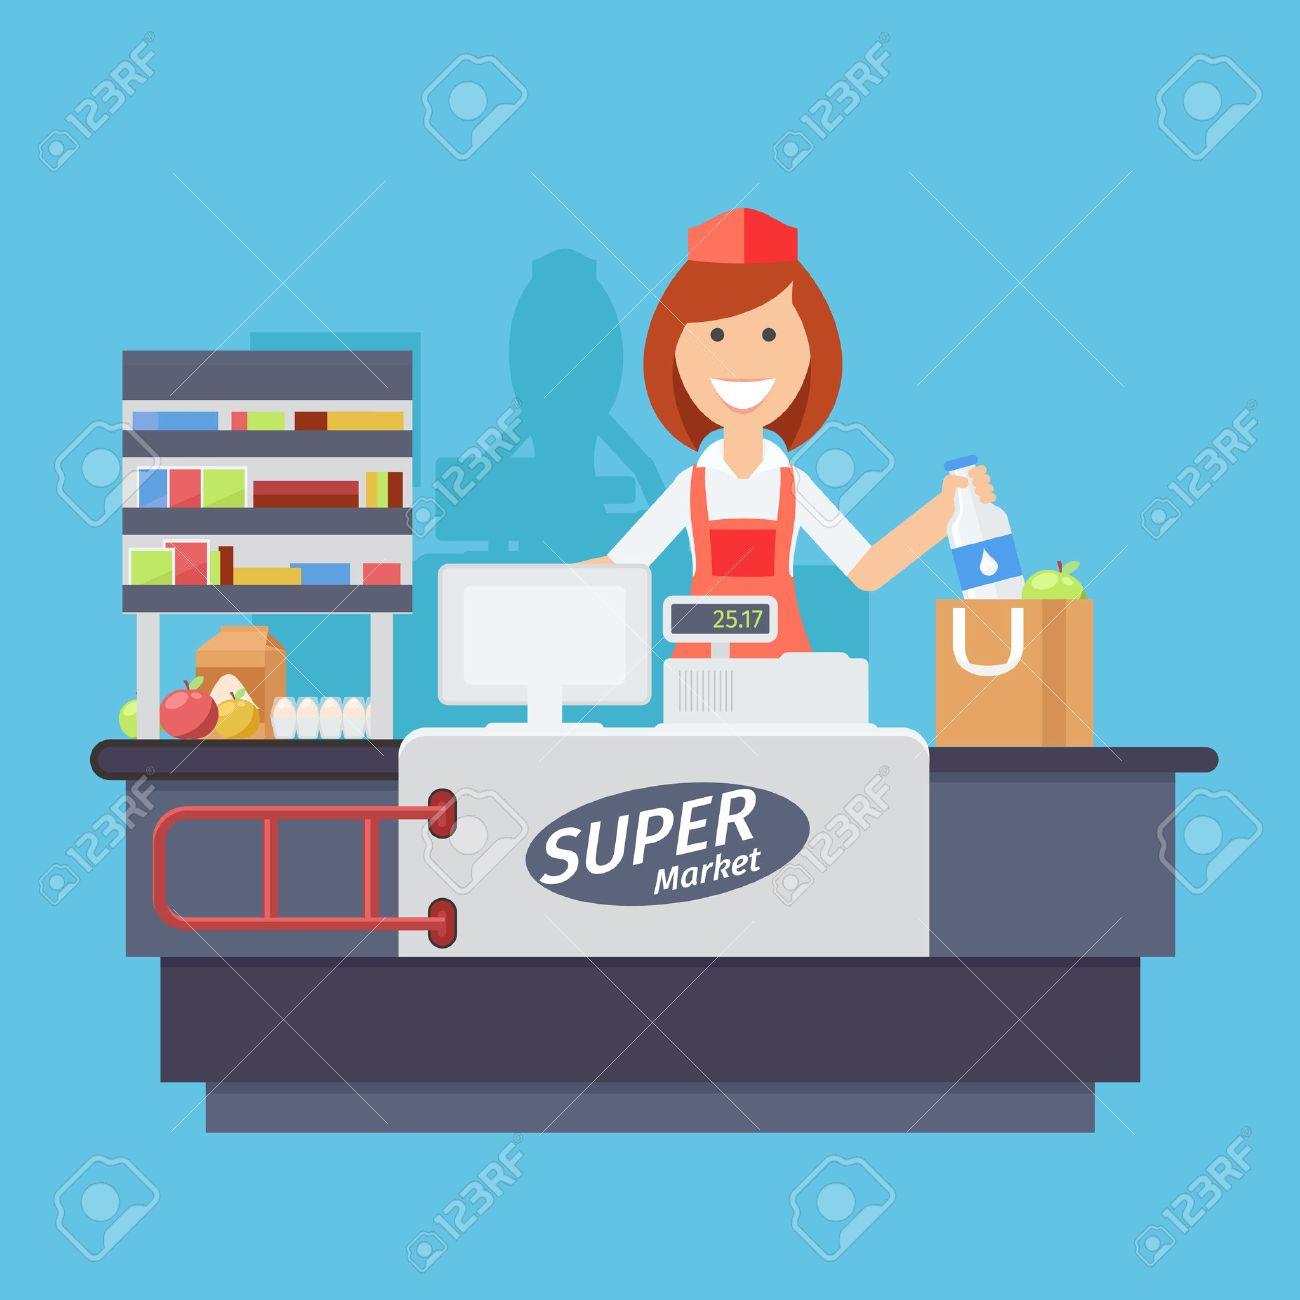 Supermercado equipo escritorio contador y secretario en uniforme de sonar las compras de comestibles. Ilustración vectorial de estilo plano aislado en fondo blanco. Foto de archivo - 47070659